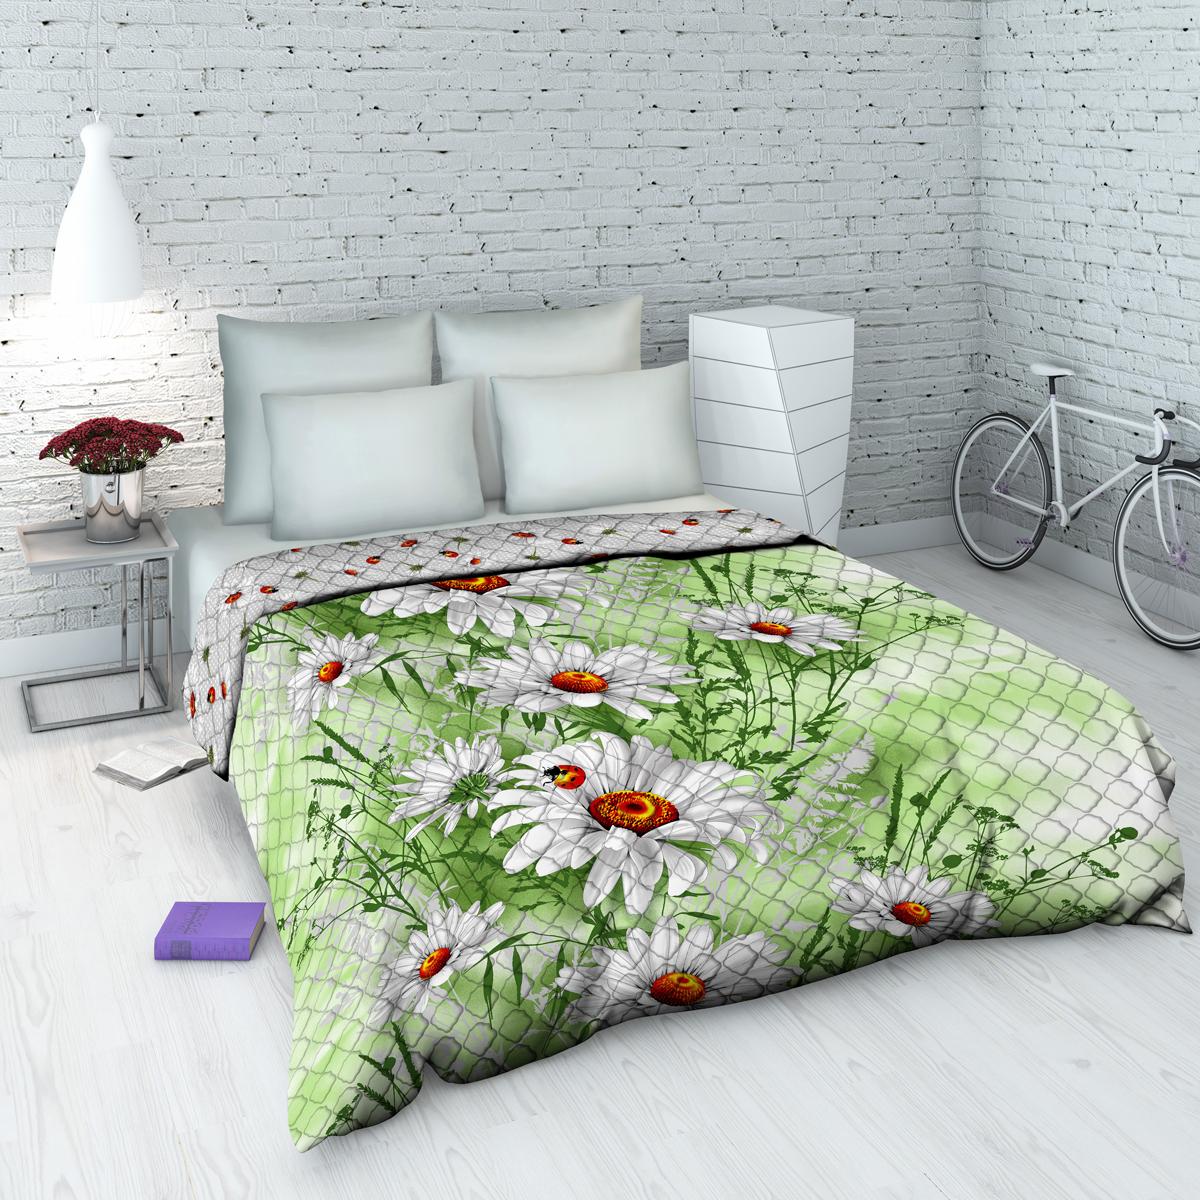 Покрывало Василиса На даче, 145 х 205 см, цвет: зеленый. 3753_пд3753_пдДекоративное стеганое покрывало из хлопка - привычный аксессуар для многих спален. Приятное на ощупь и красивое на вид. Может использоваться как покрывало в интерьере гостиных, детских, спален (особенно в загородных домах), так и в качестве облегченного одеяла в летний сезон. Чехол - бязь, 100% хлопок, наполнитель - силиконизированное волокно.